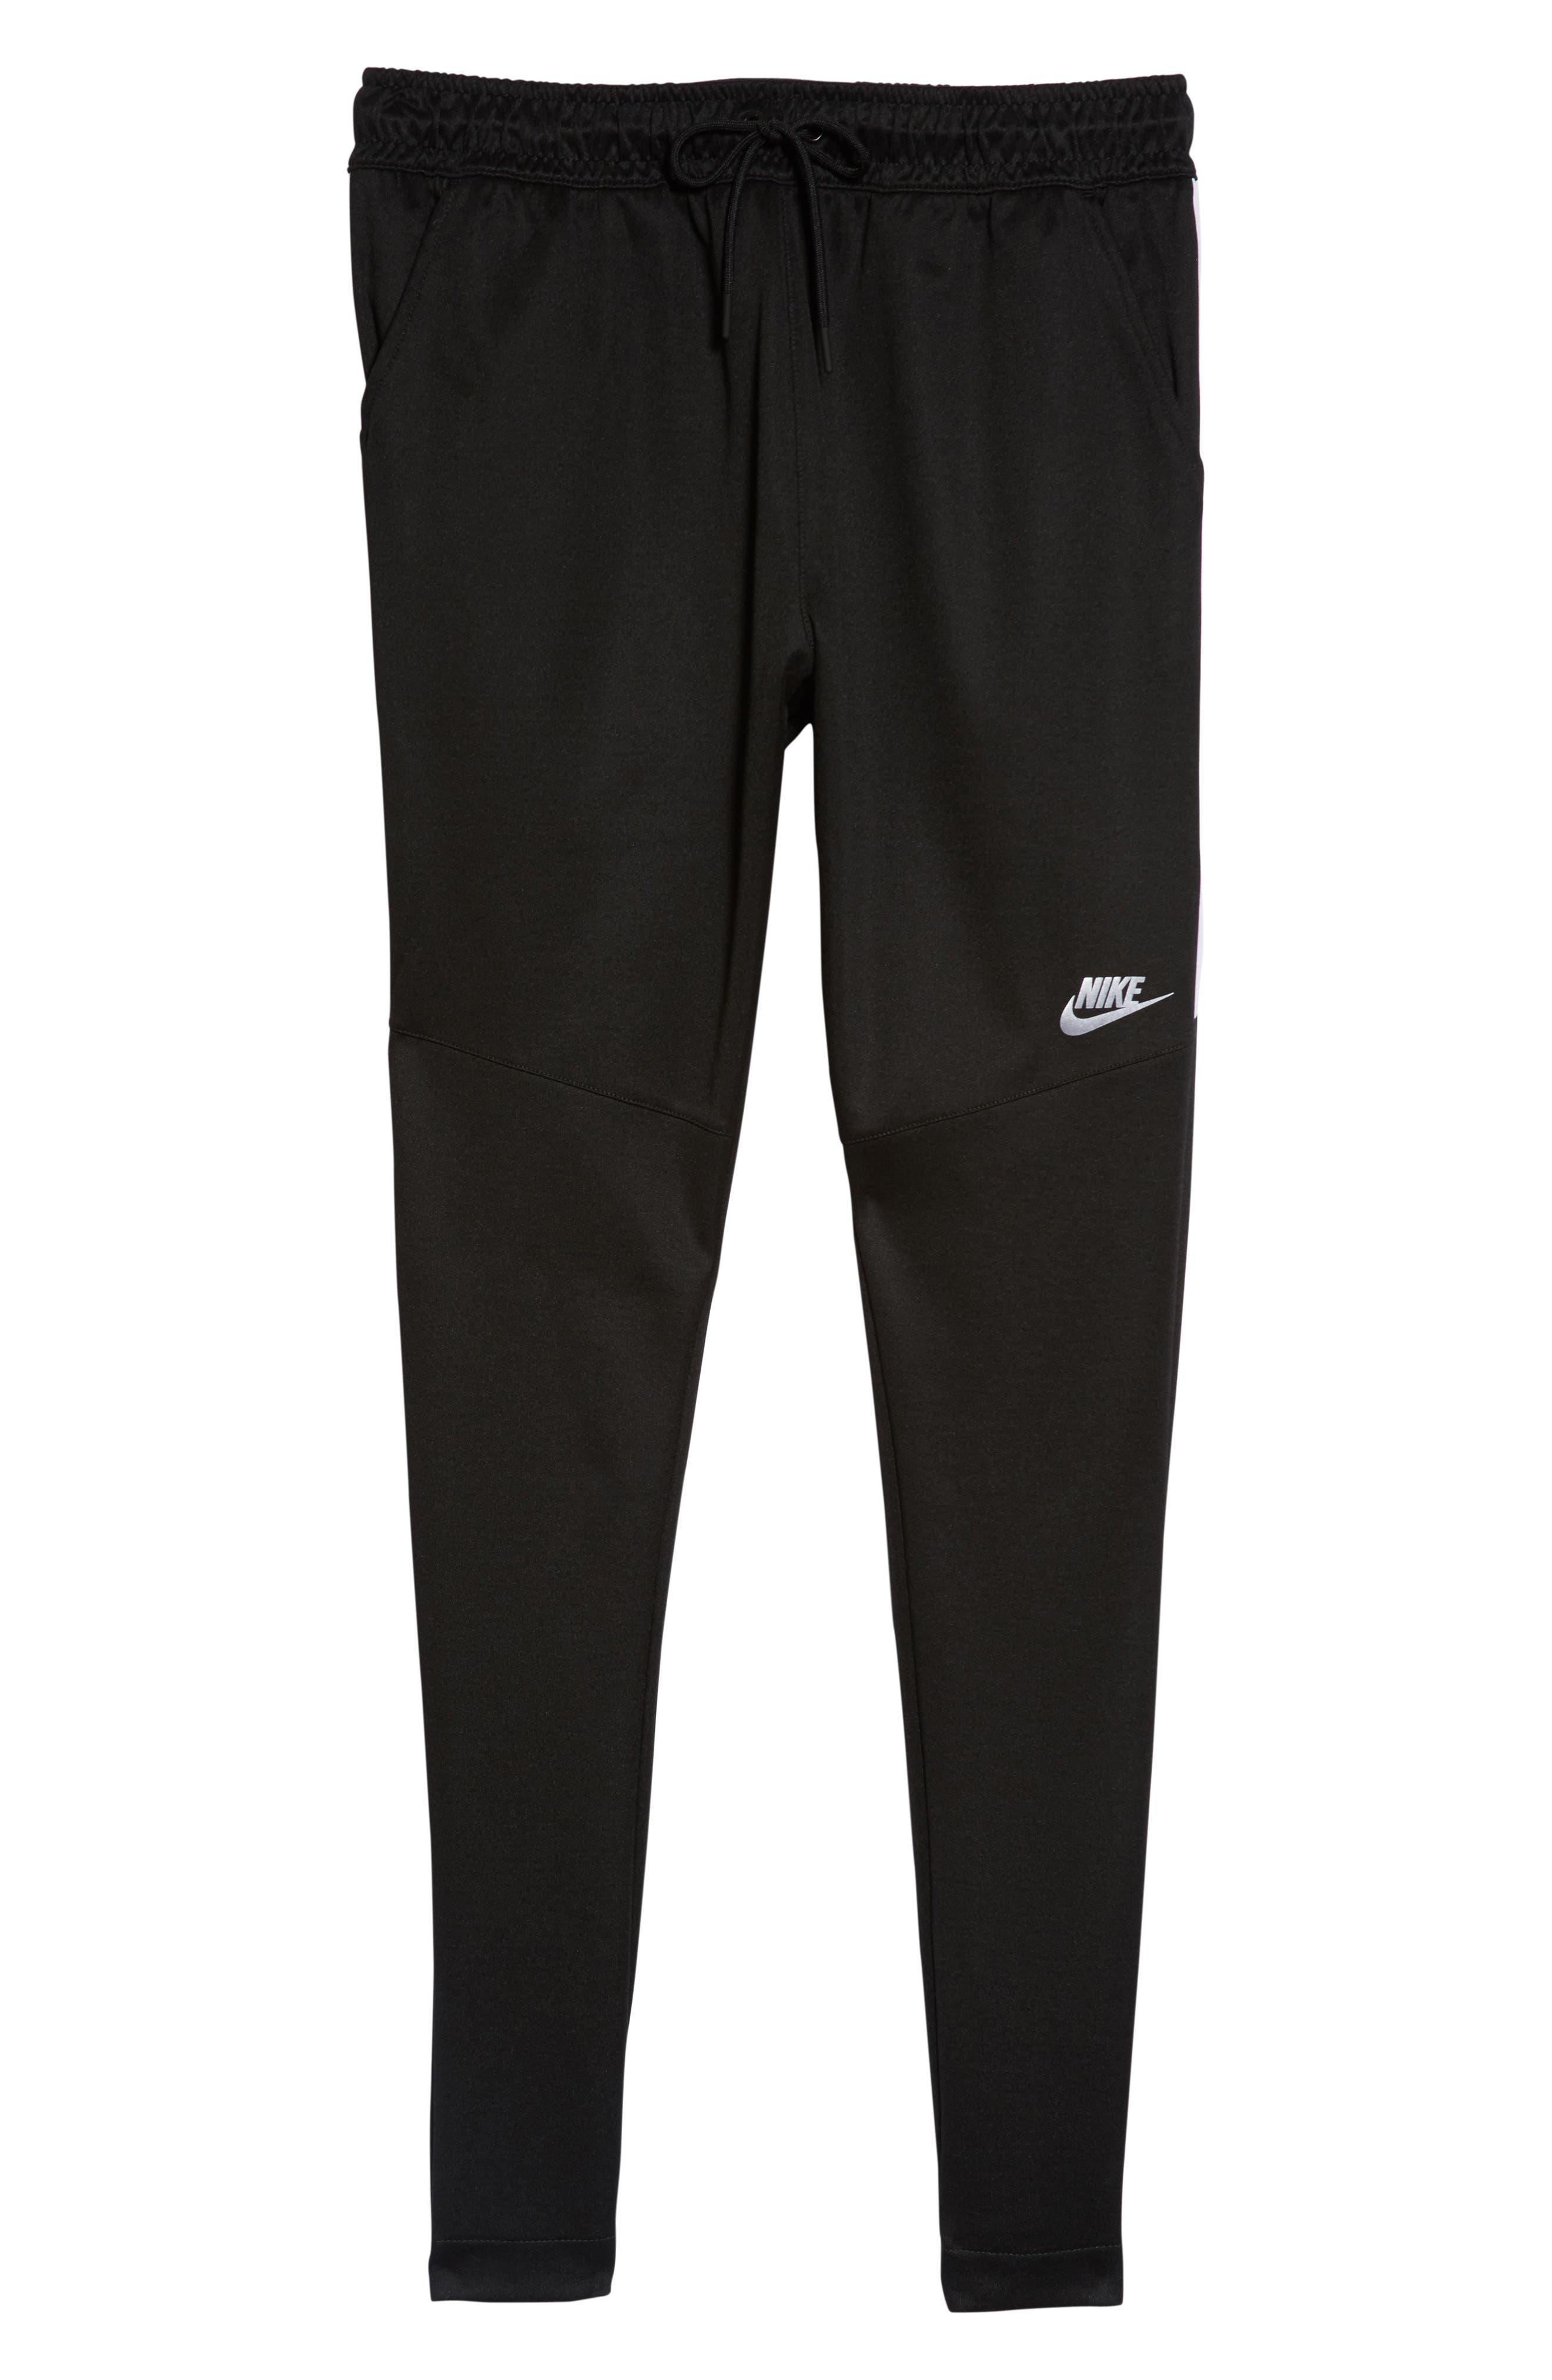 NSW Tribute Jogger Pants,                             Alternate thumbnail 6, color,                             Black/ White/ White